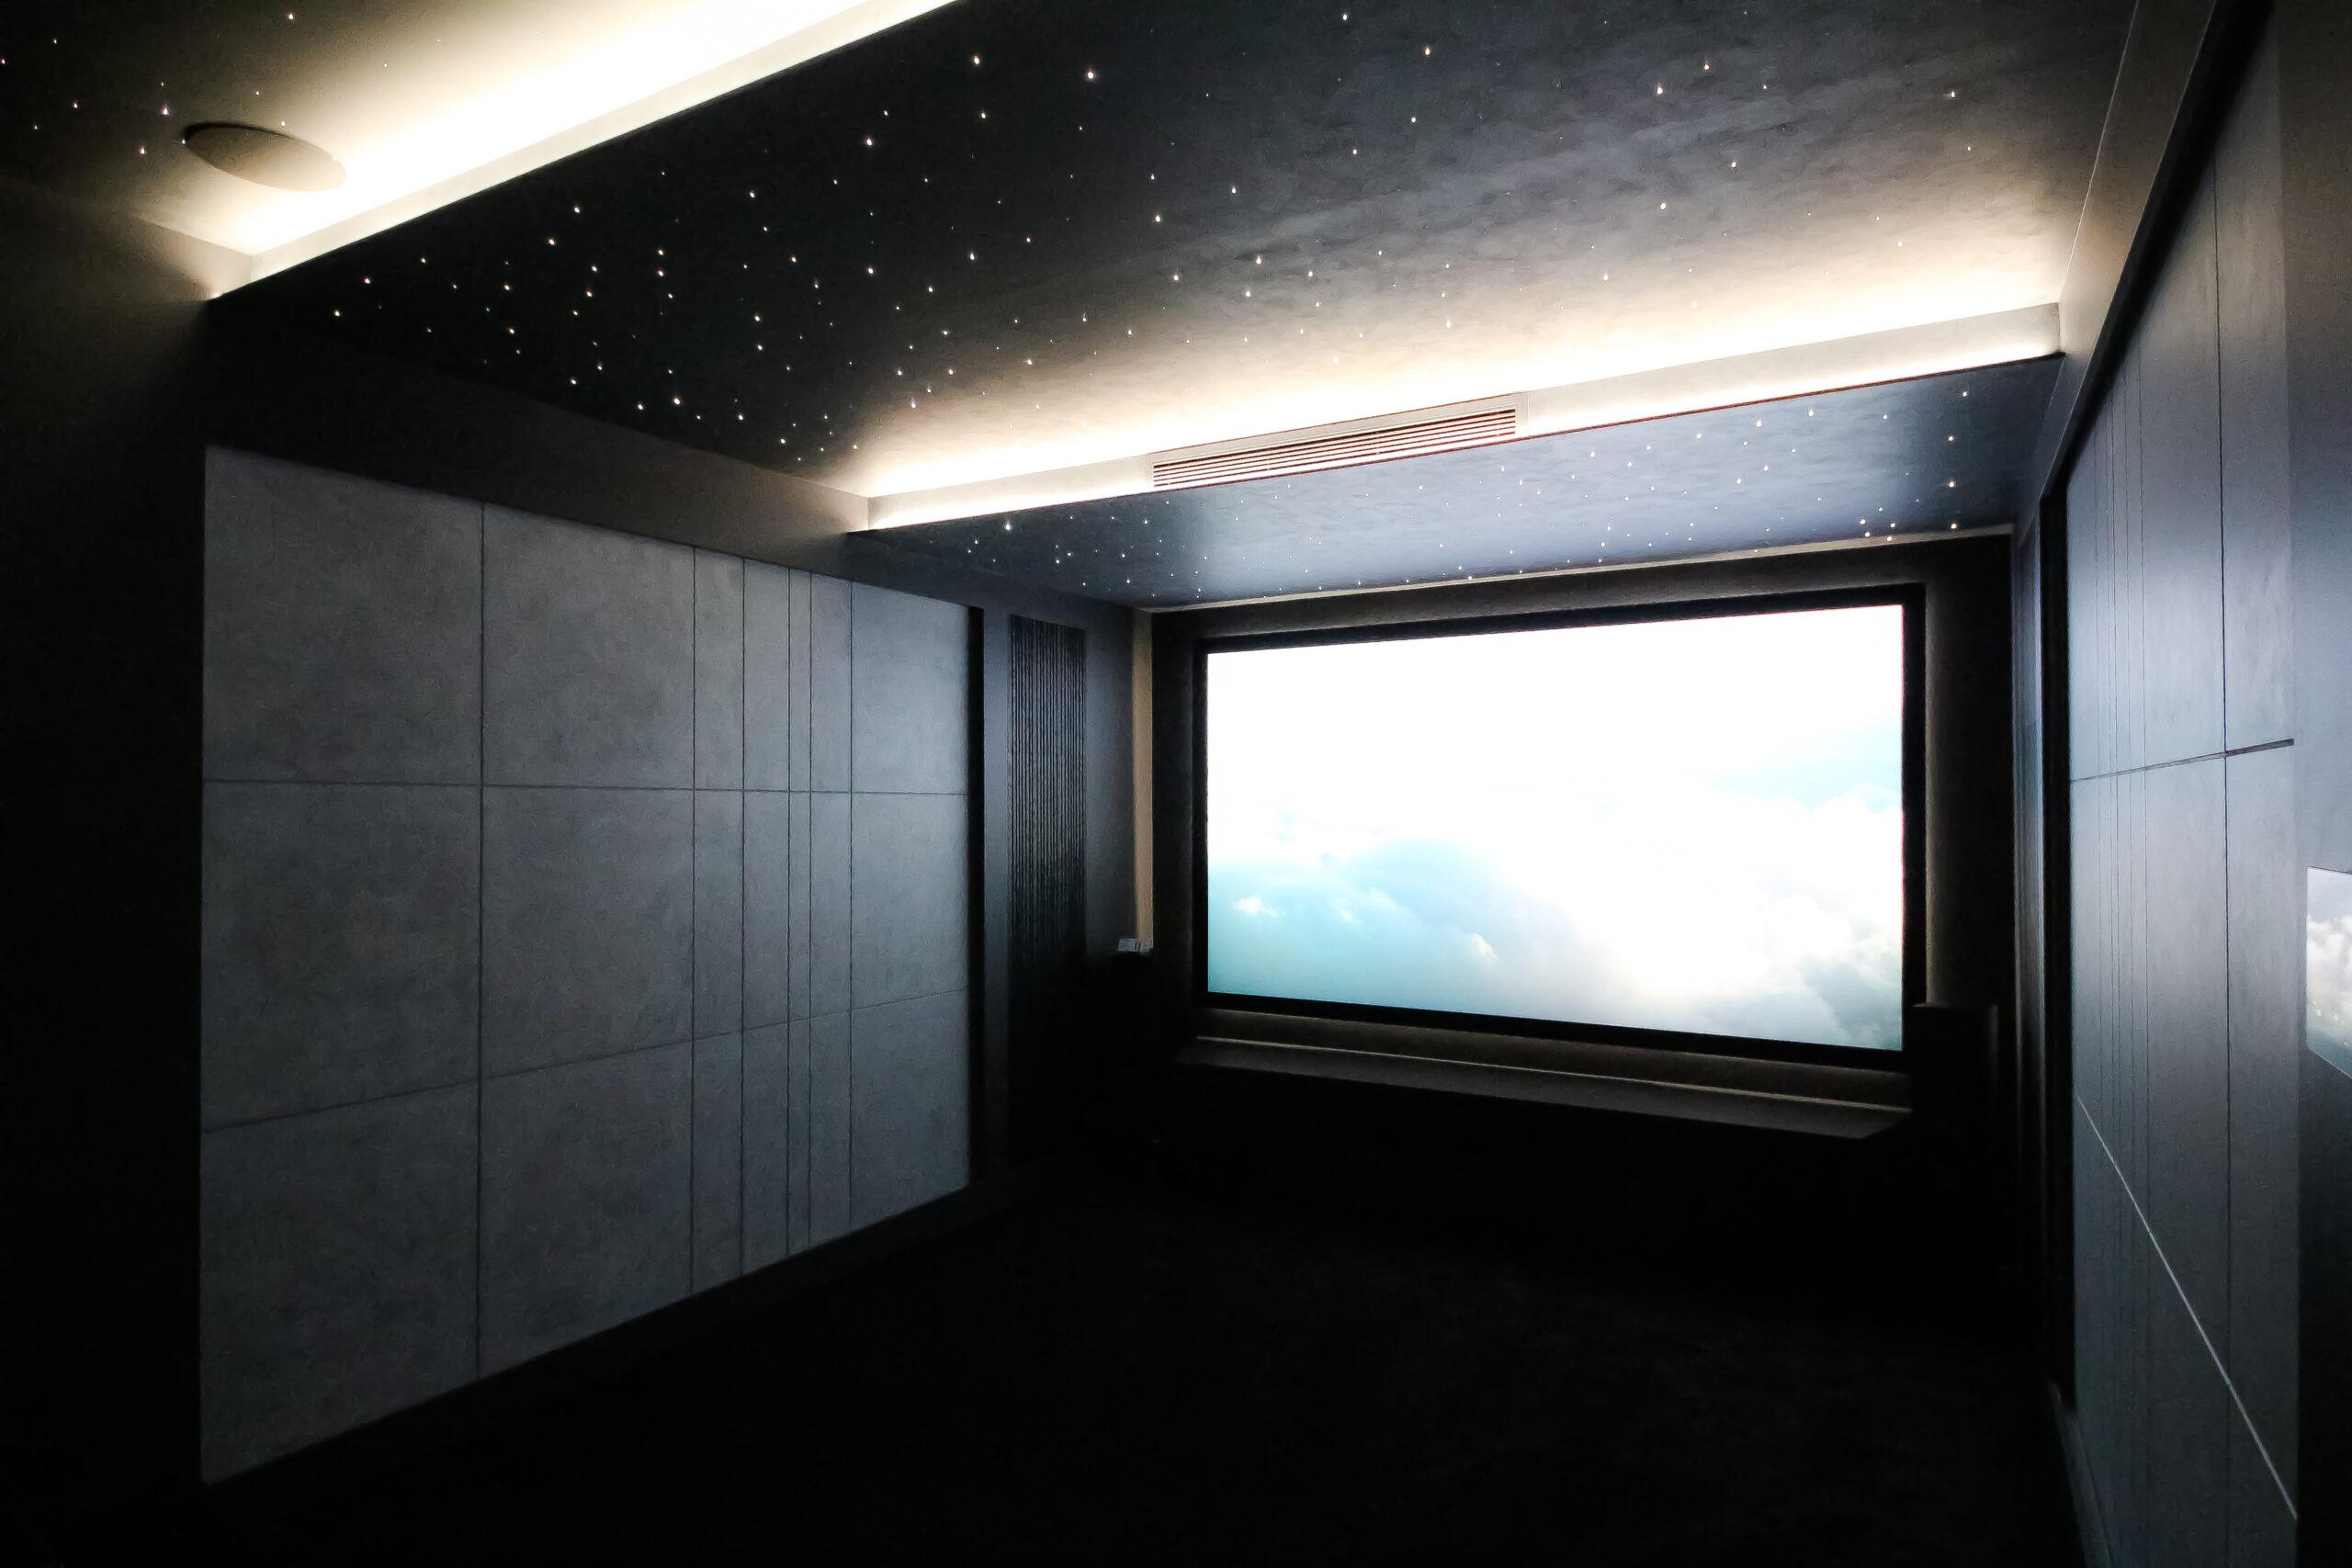 THEATRE ROOM 2